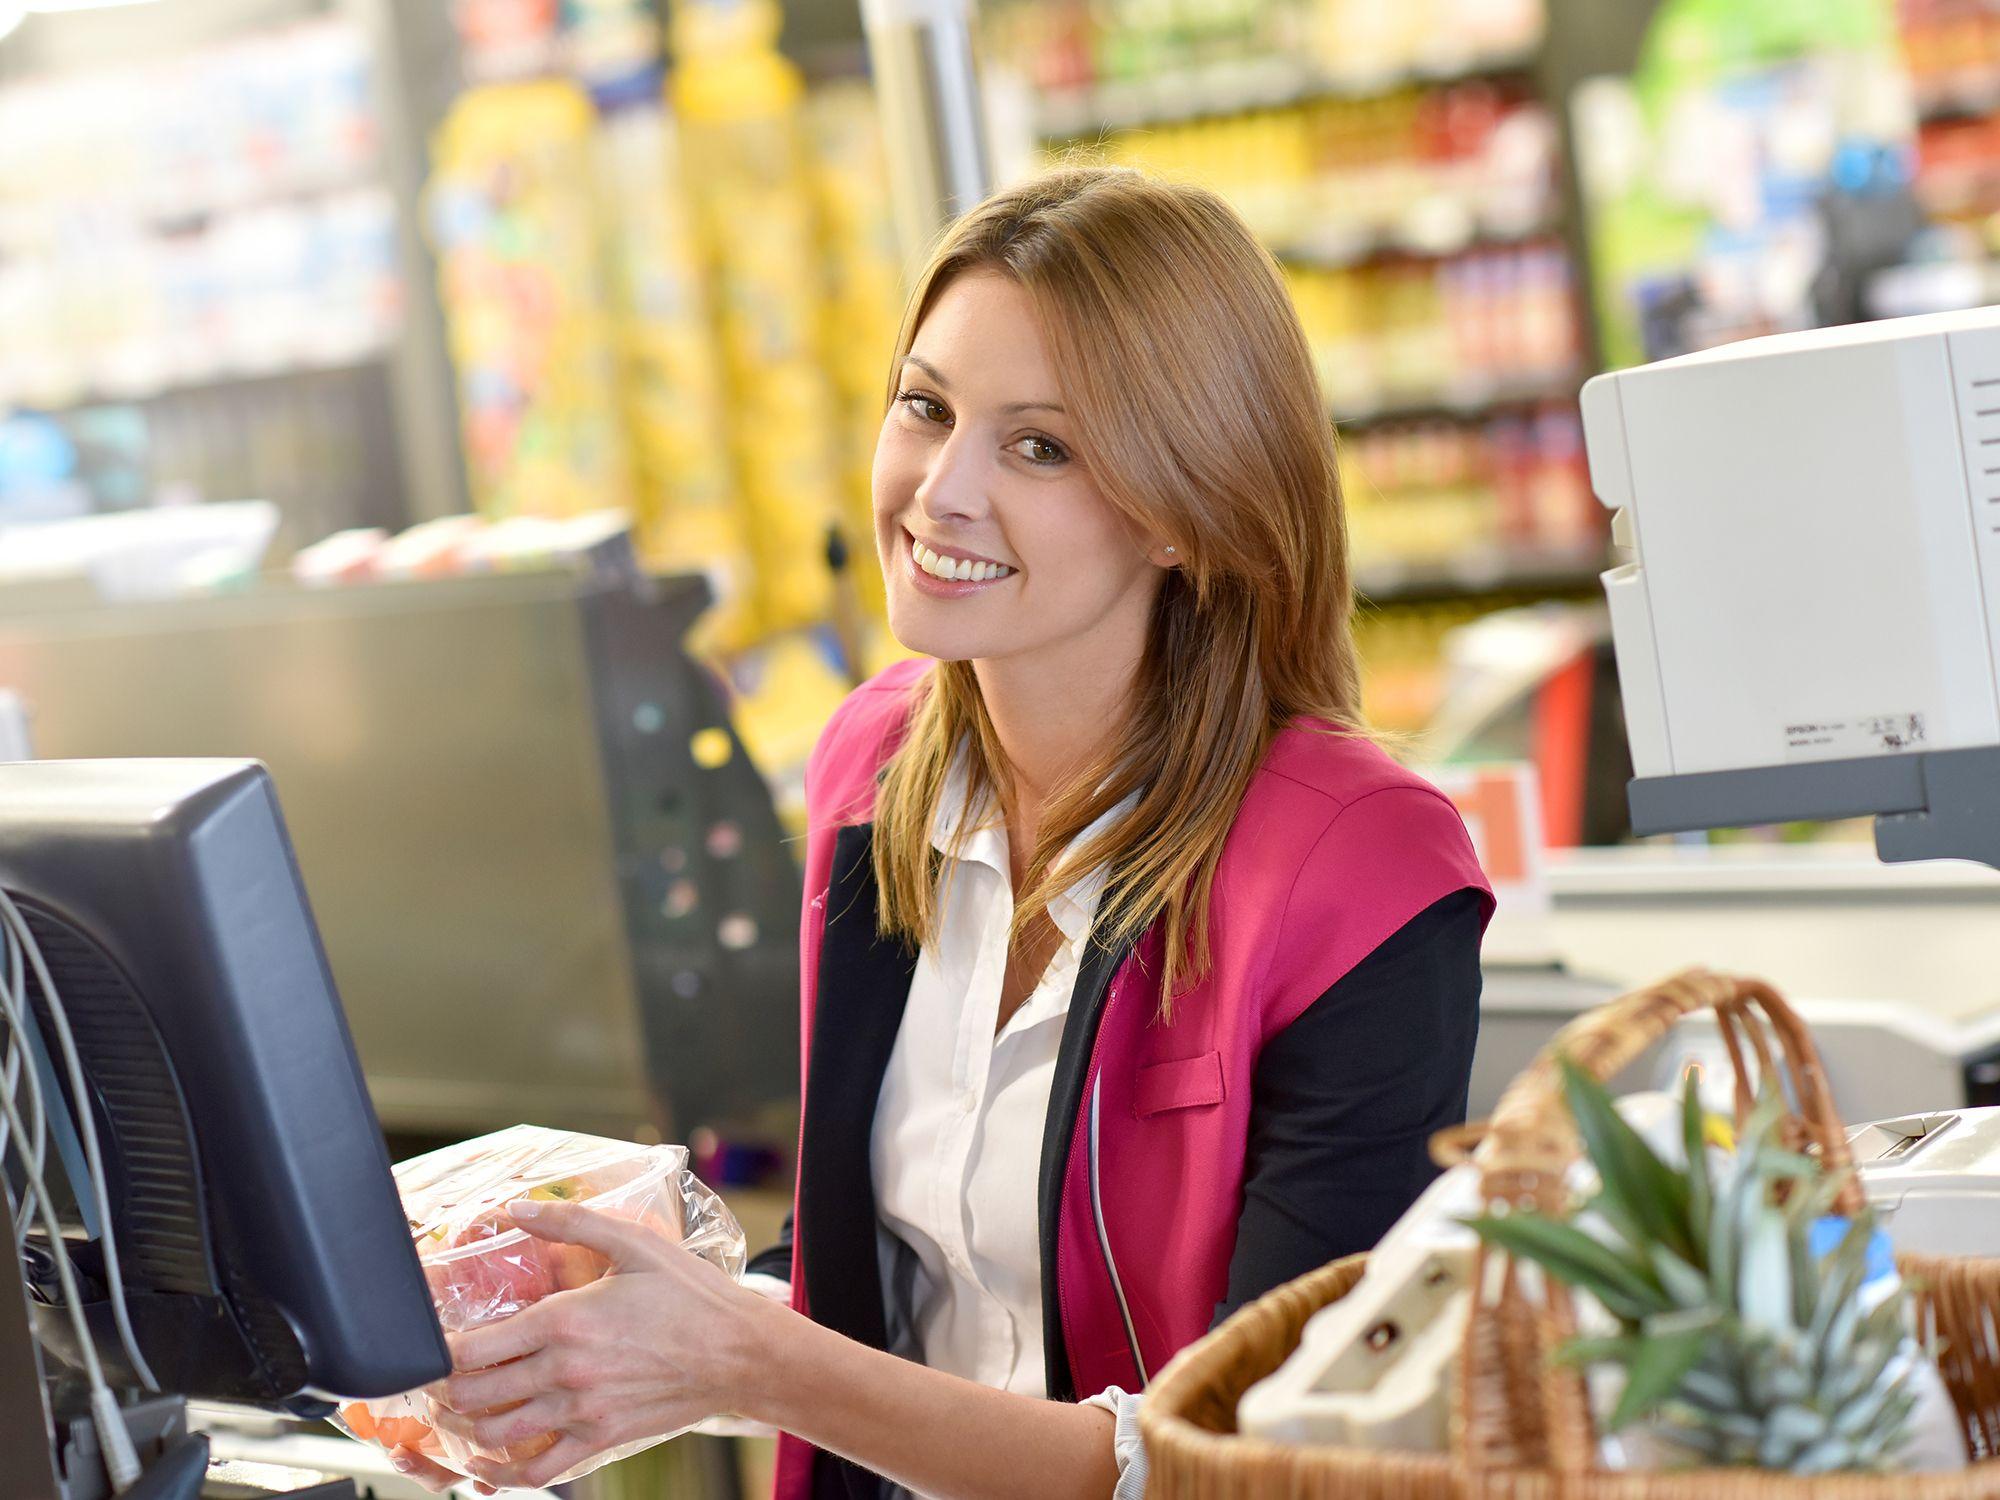 Level 1 - Kassenmitarbeiter wie Kassierer, Kassiererinnen, Kassenaufsicht, Kassenaushilfen, Kassenpersonal, Kassenhilfen, Kassenhelfer, Kassenverwalter und Kassenangestellte zwecks direkter Personalvermittlung oder Zeitarbeit per Arbeitnehmerüberlassung und Personalüberlassung für den Einzelhandel, Kundenservice, Kassenbetrieb, Vertrieb, Direktvertrieb, Vertriebsberatung, Verkaufsinnendienst, Verkaufsabteilung und Großhandel finden und buchen